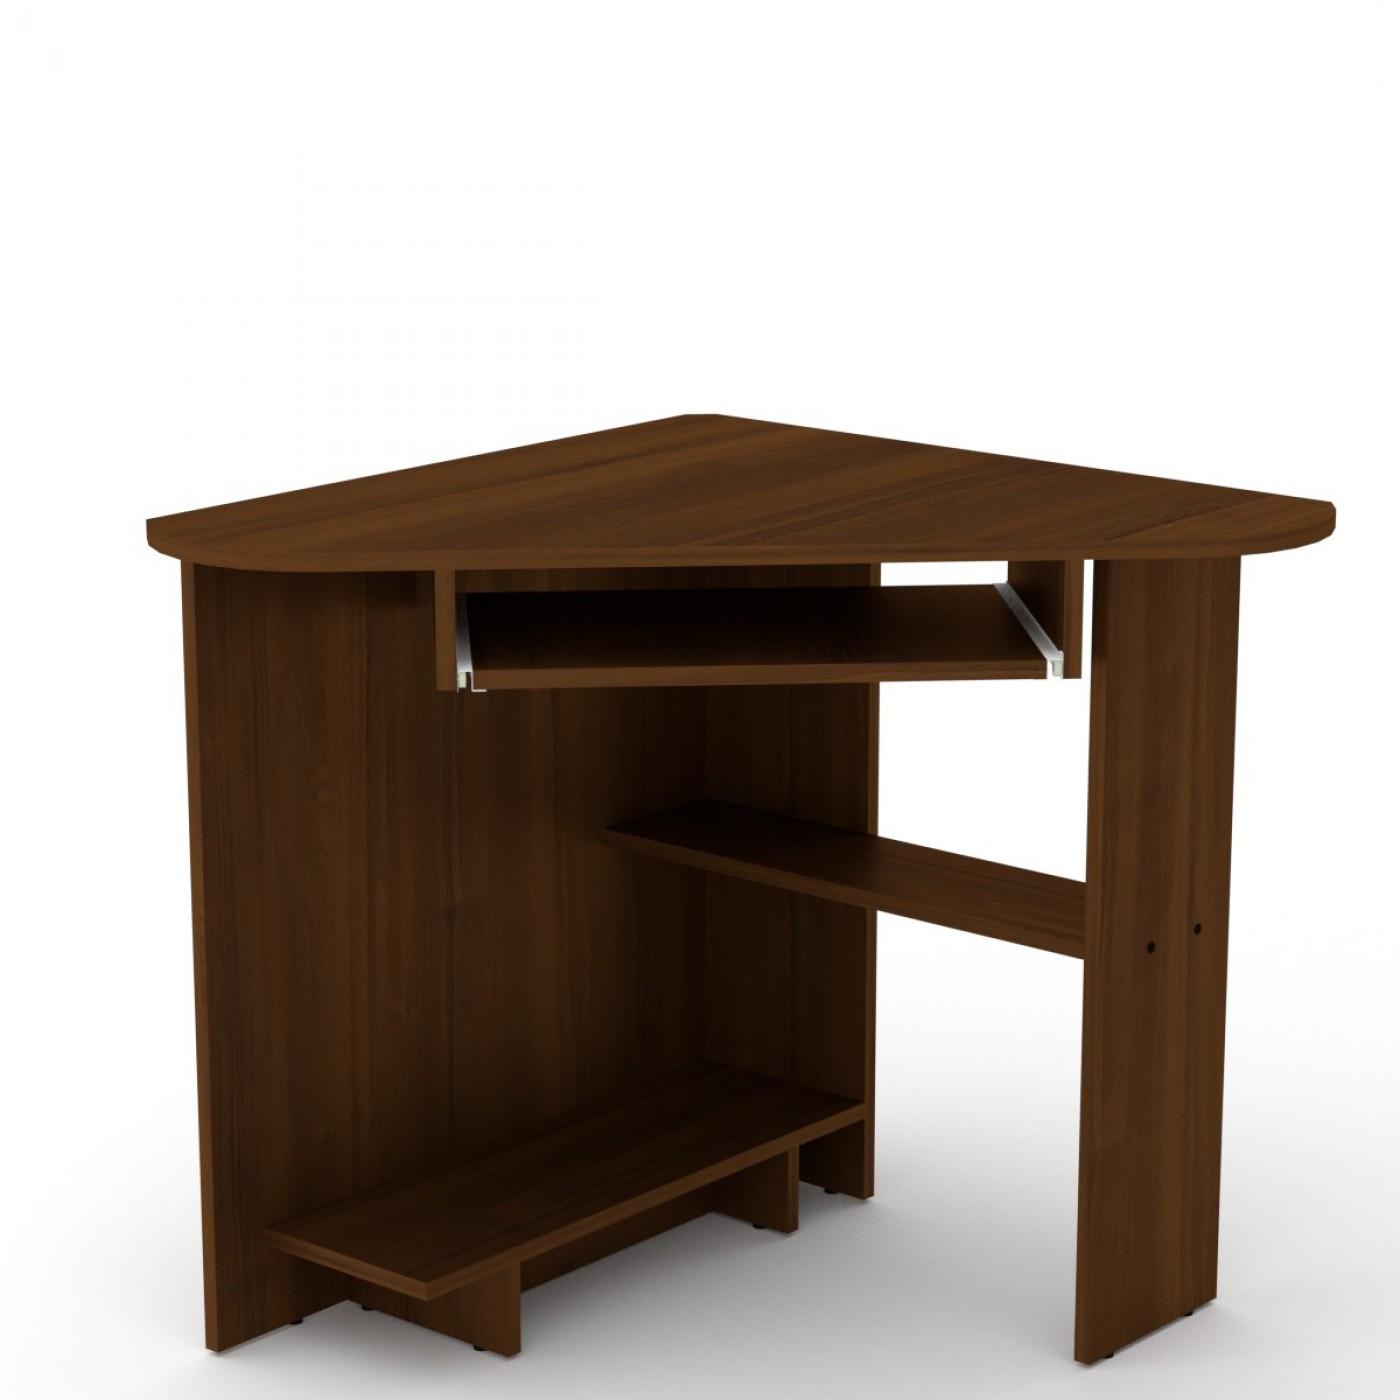 СУ-15 стол угловой компьютерный